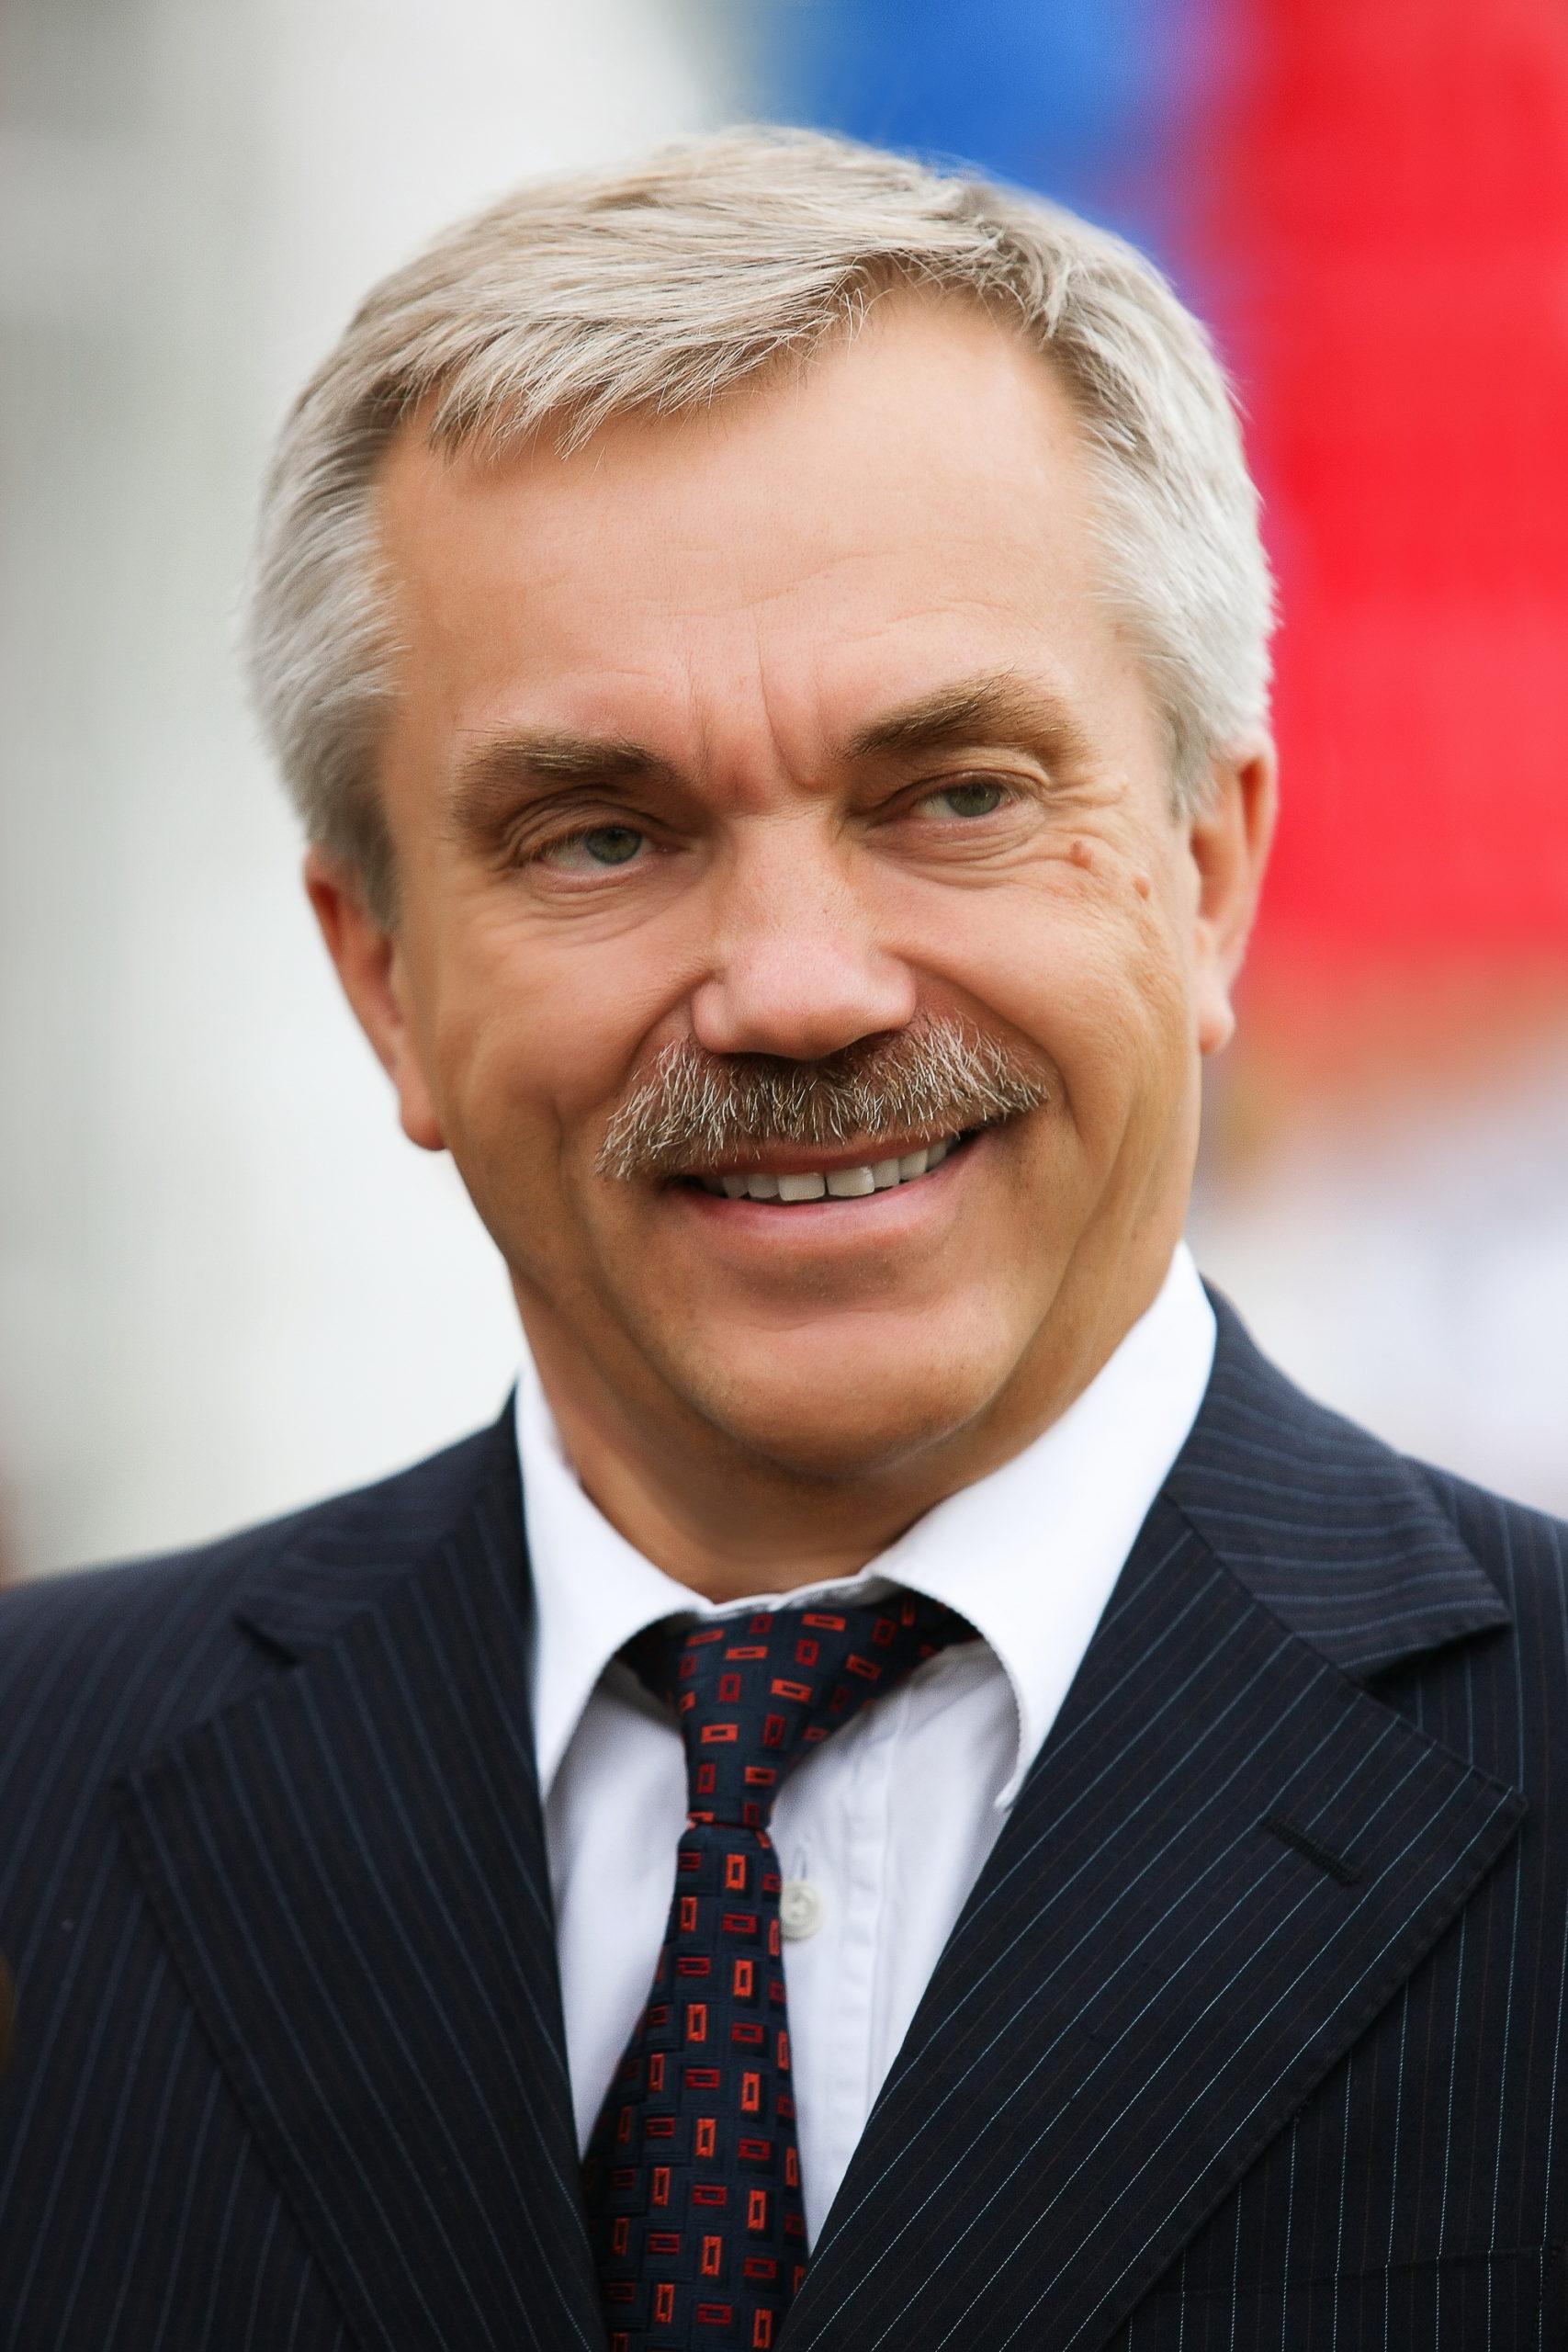 8 апреля 2020 года свой 70-й день рождения празднует Губернатор Белгородской области (РФ) Евгений Савченко